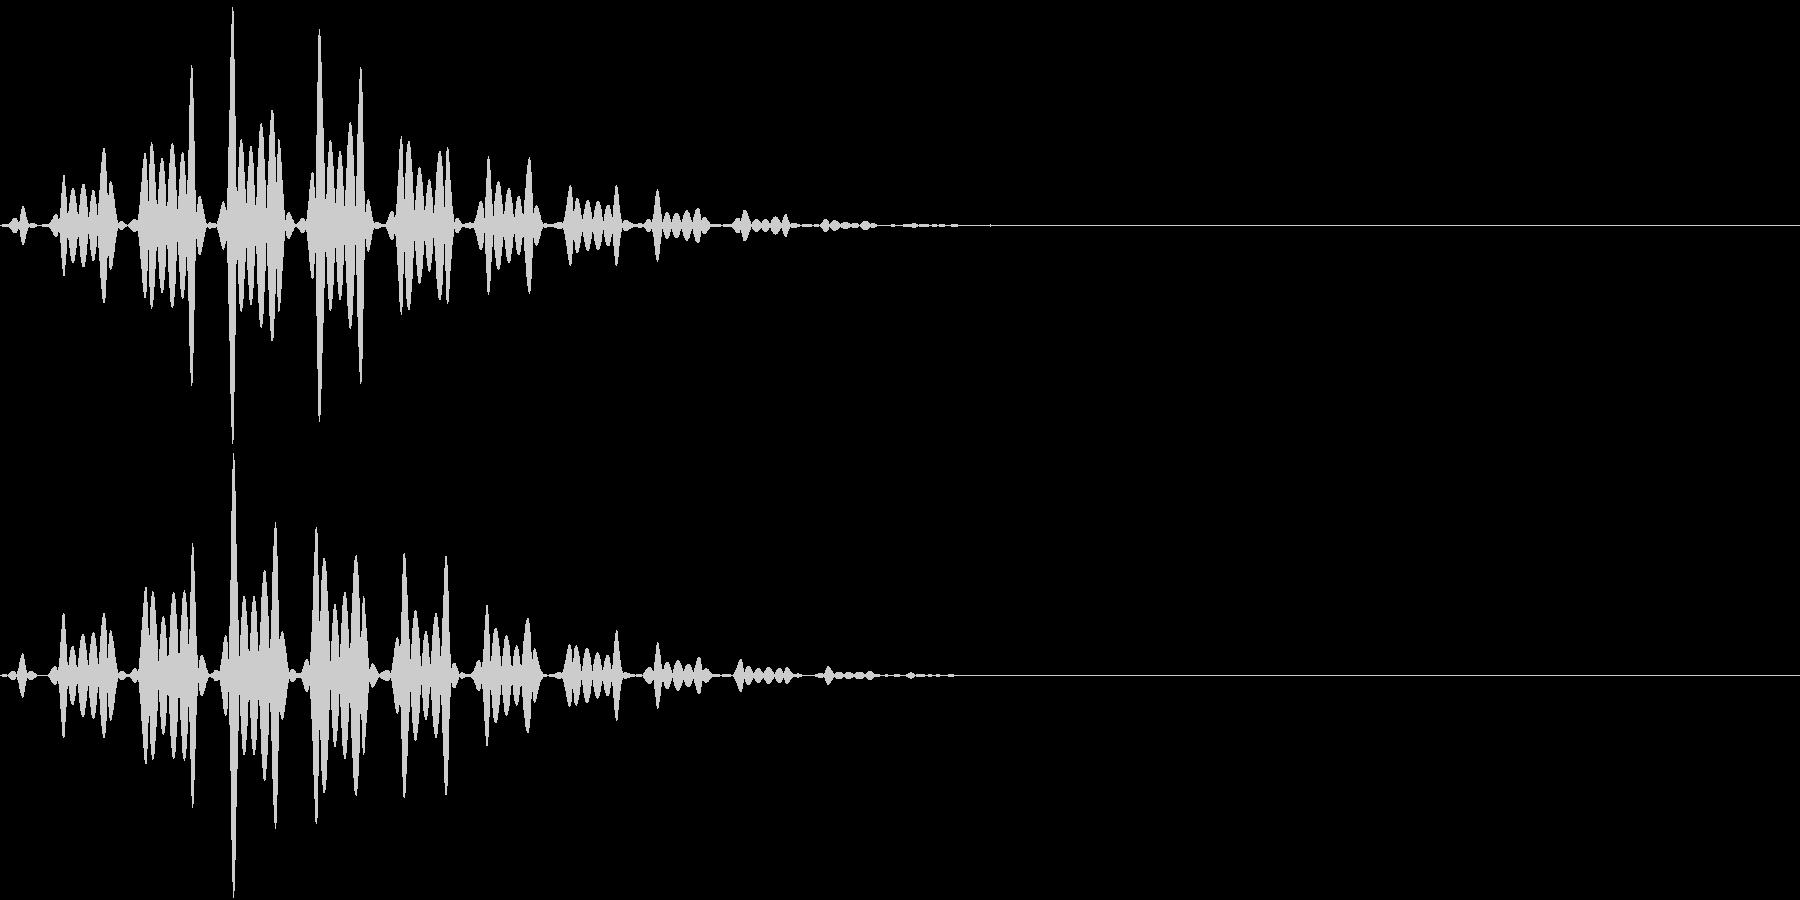 FX 幽霊の効果音 揺れる SE 2の未再生の波形